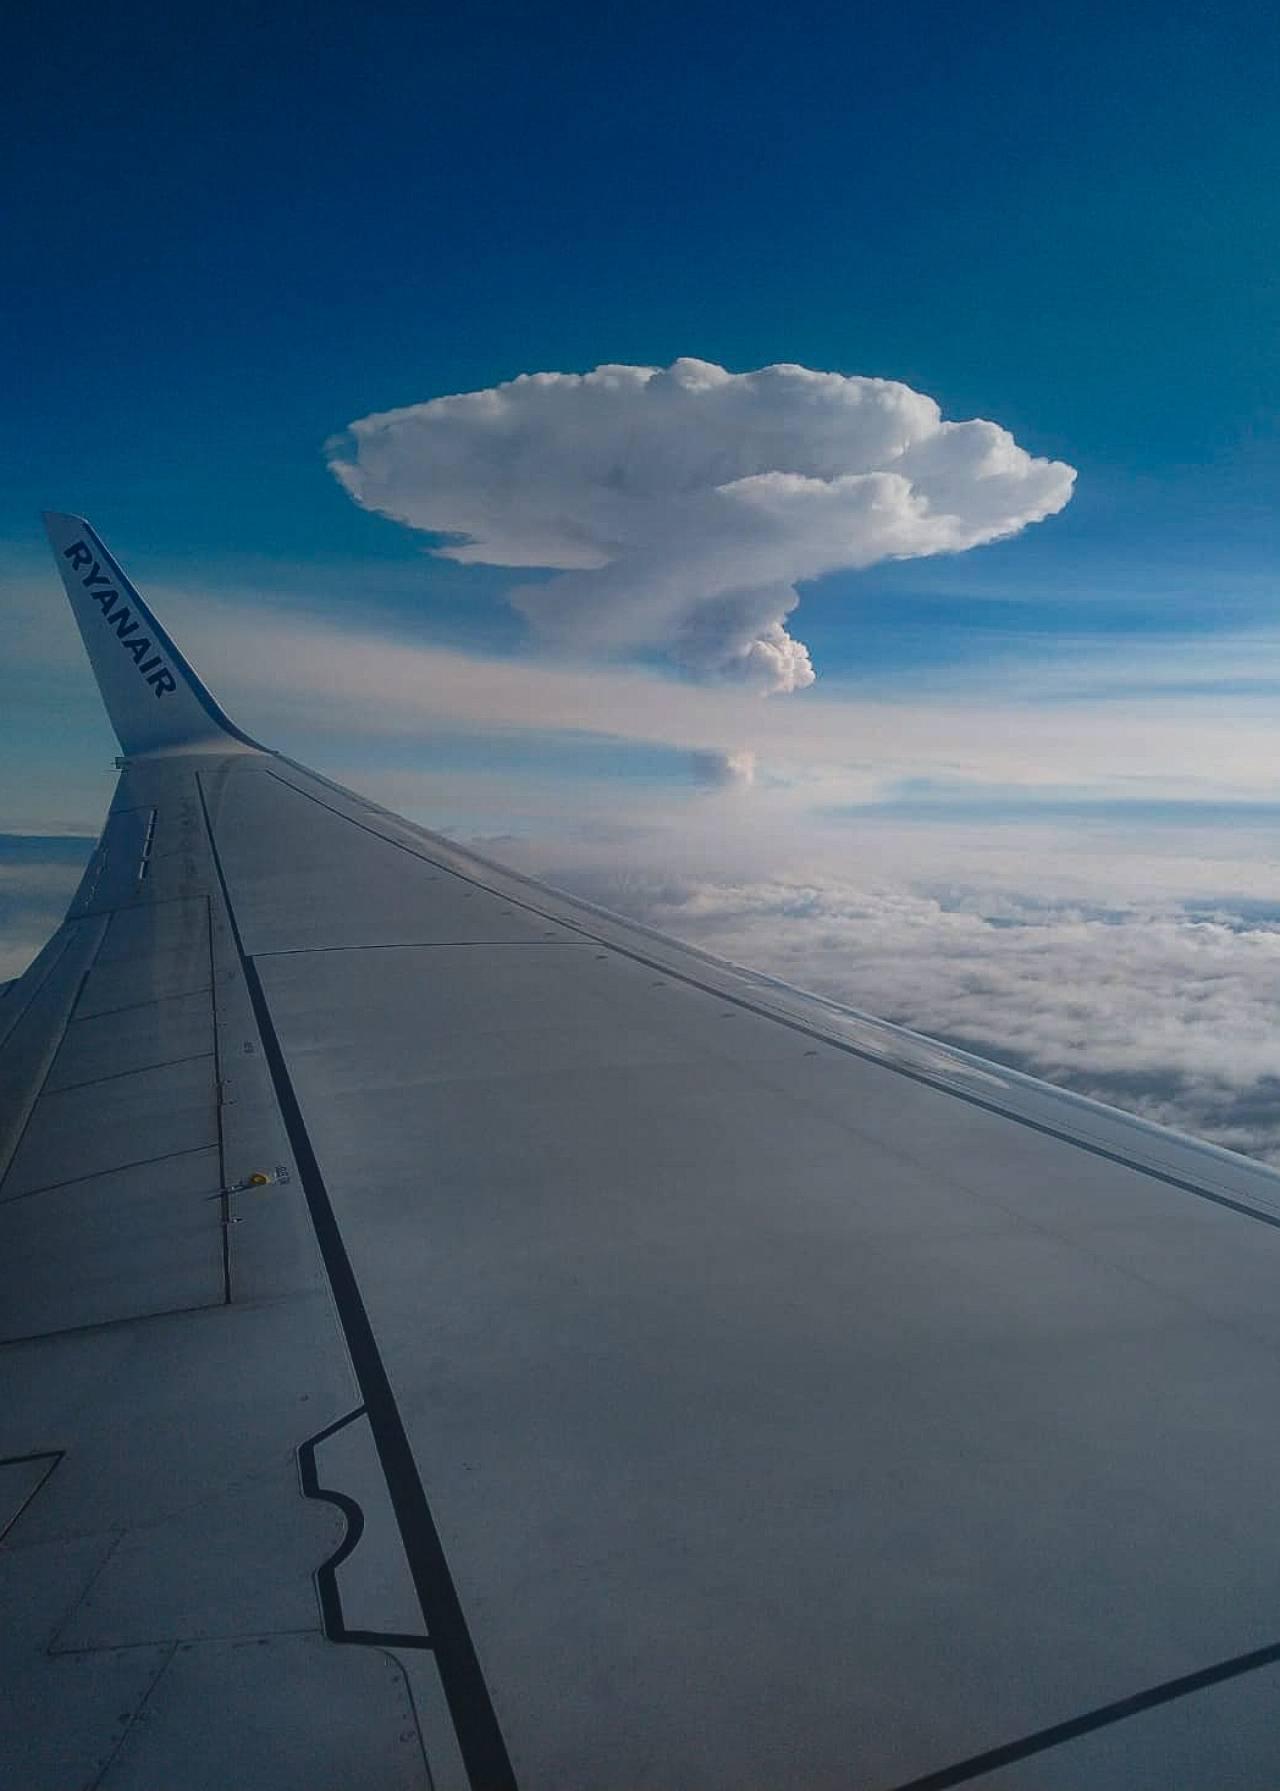 L'eruzione dell'Etna da un volo di linea (Fonte: Giacomo Imposa)